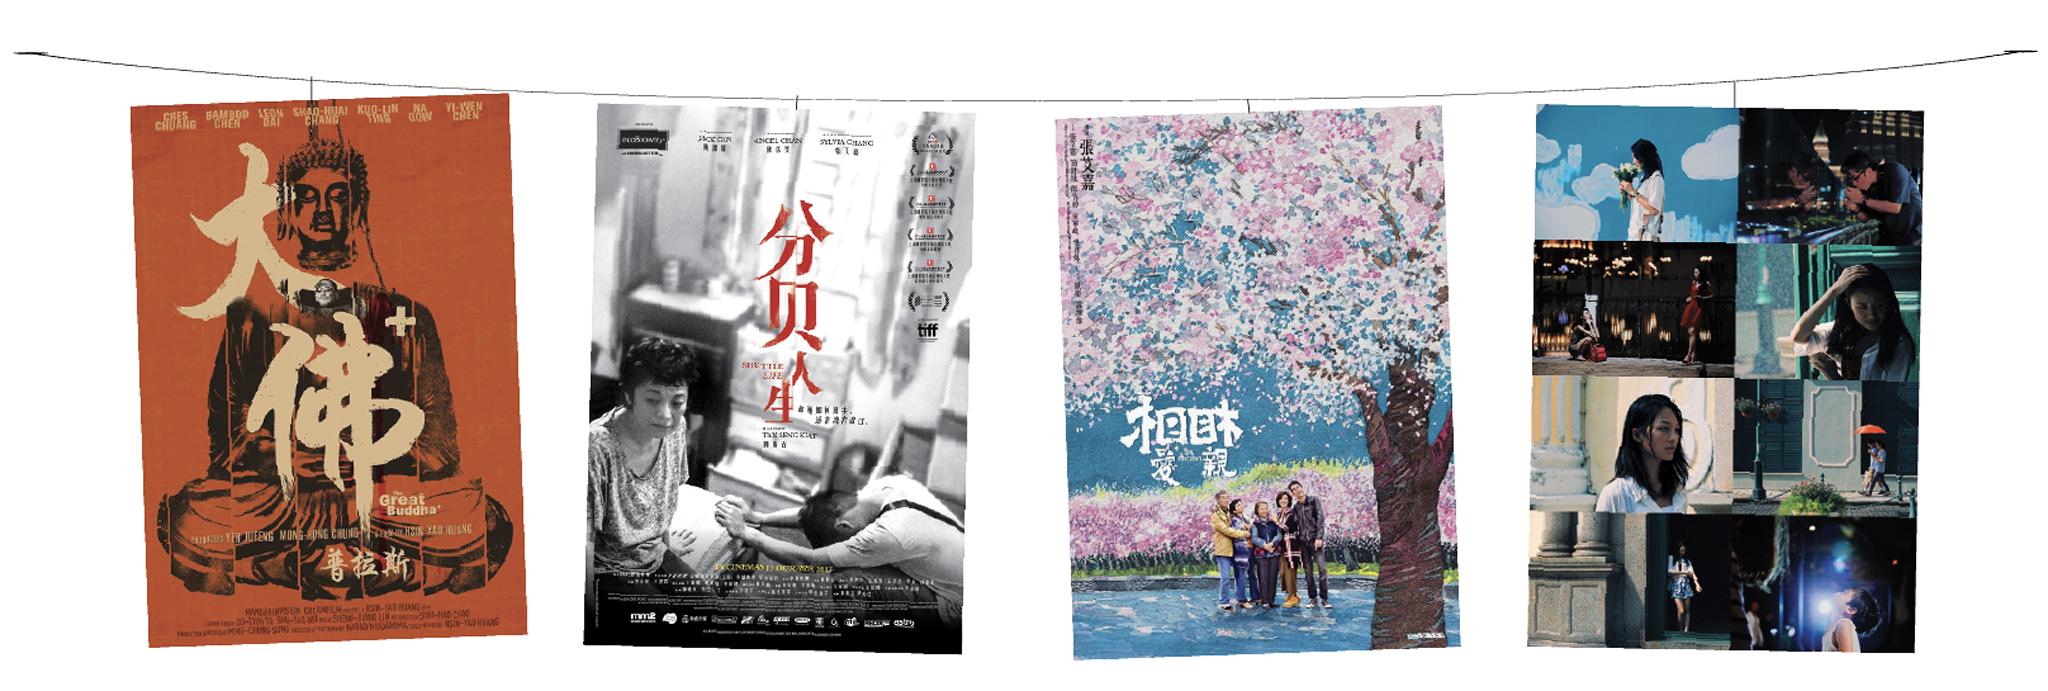 Paixão   Cinemateca comemora ano novo com cinema em chinês